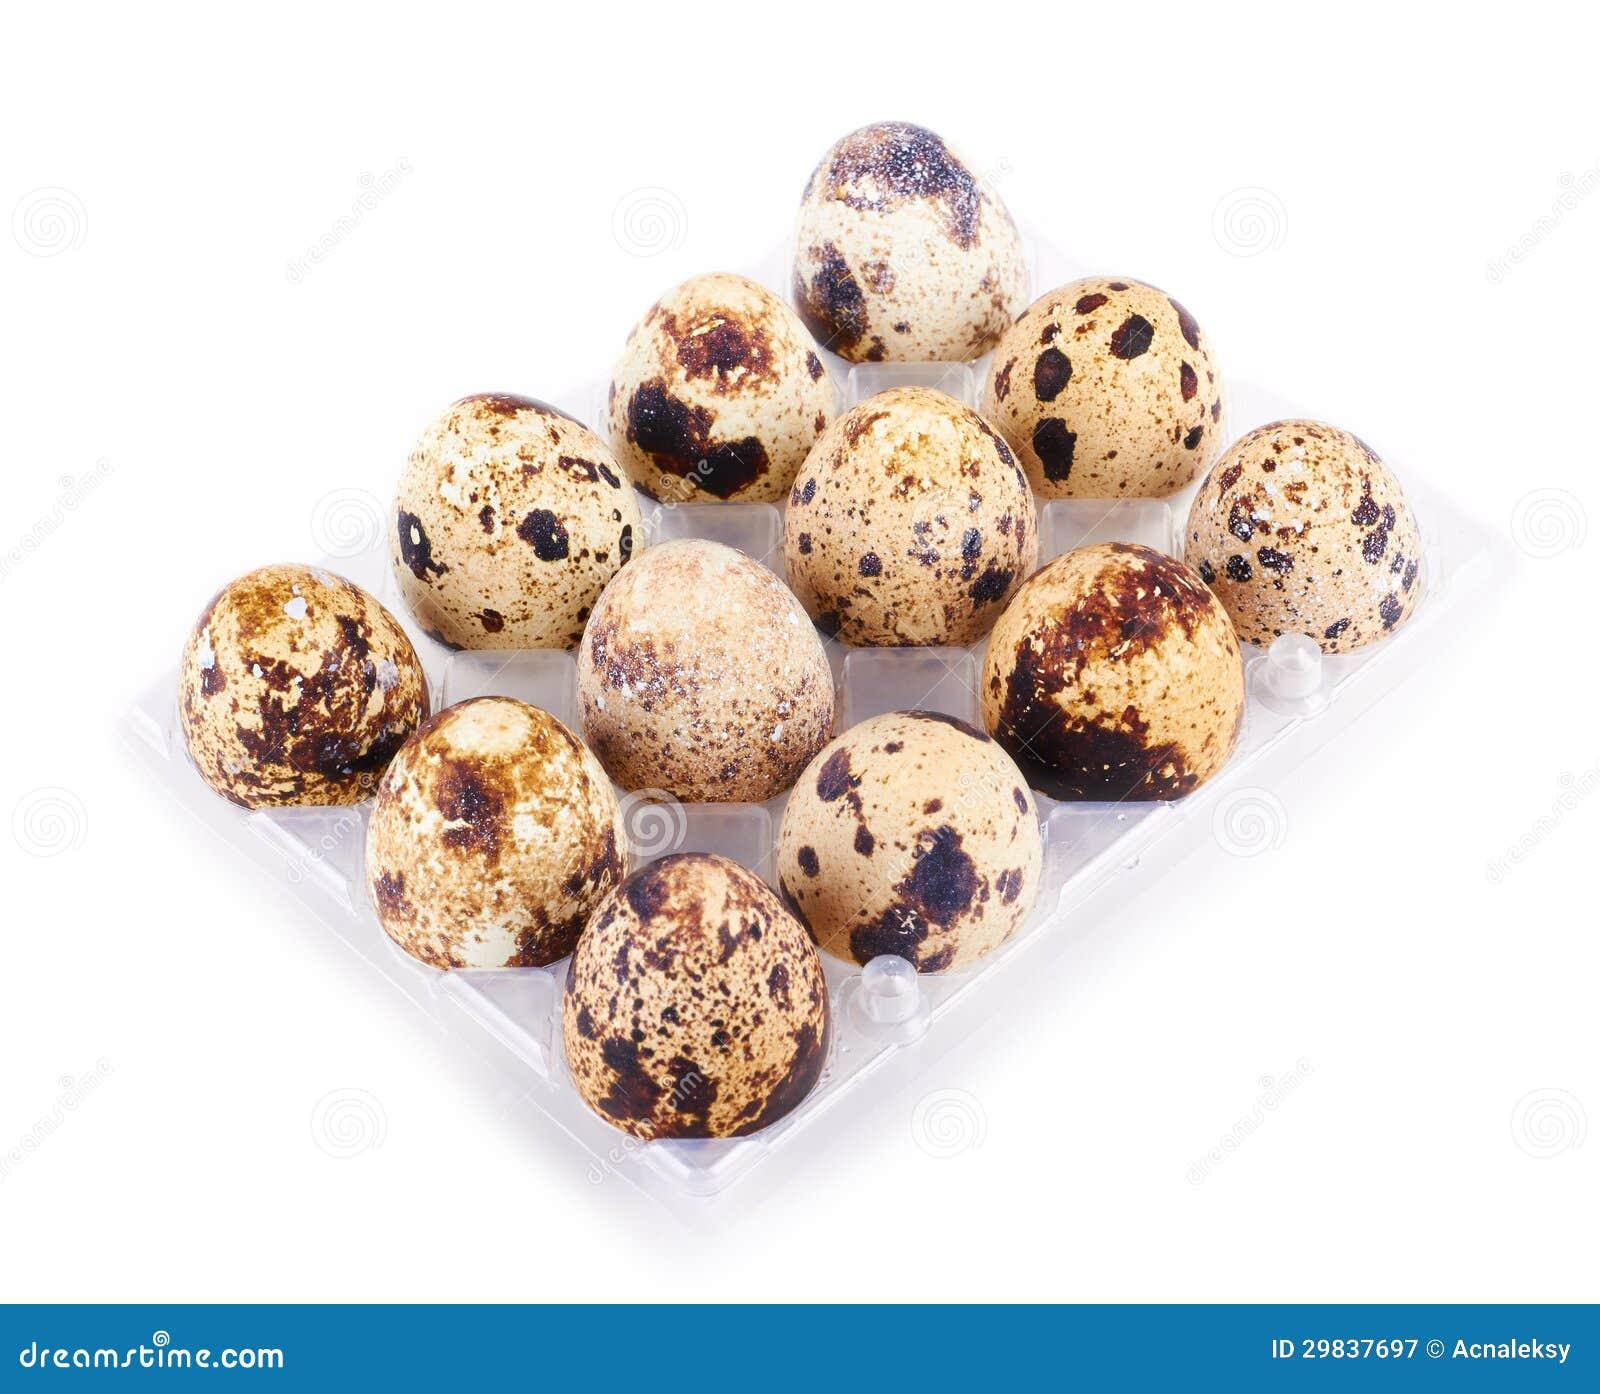 Ovos de codorniz em uma caixa isolada